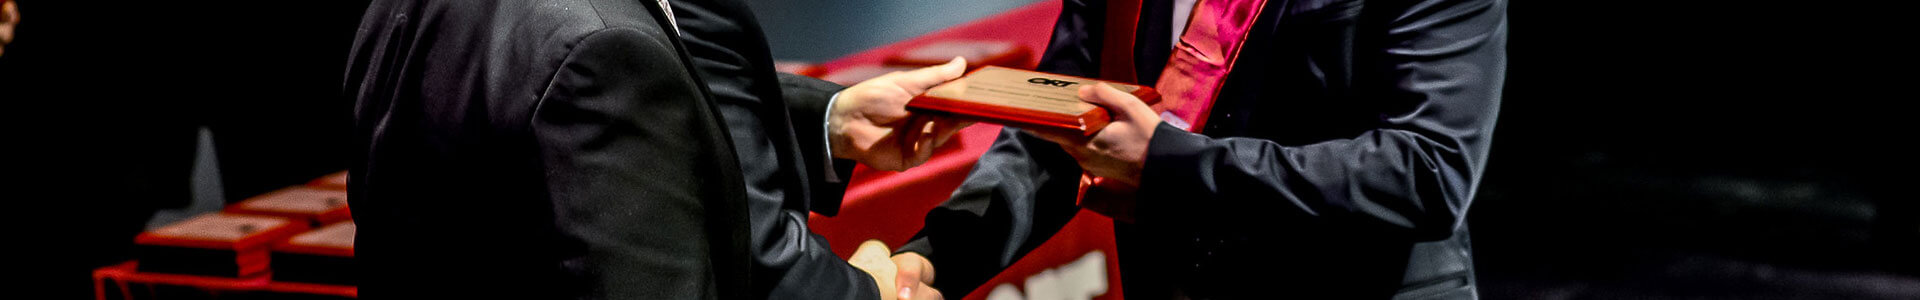 Graduados de la Facultad de Arquitectura de la Universidad ORT Uruguay